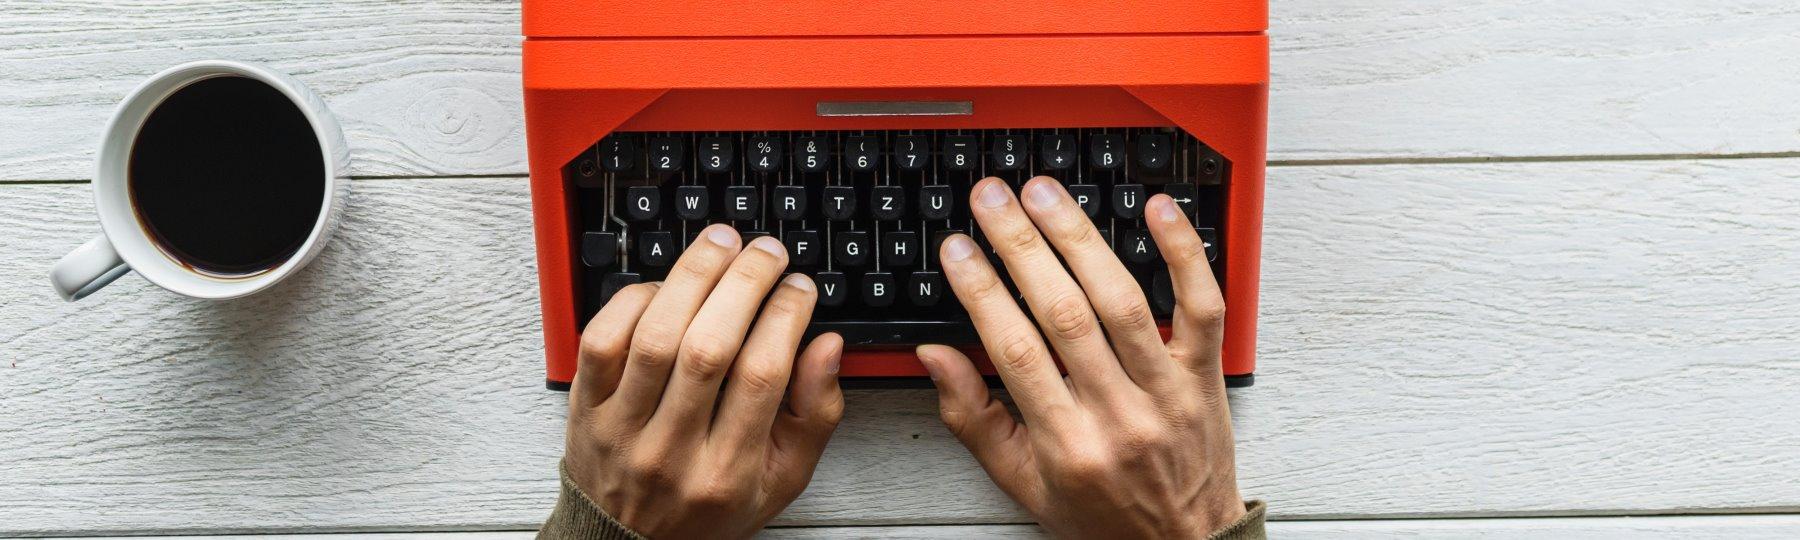 copywriter ehk kuidas kirjutada sisu oma kodulehel